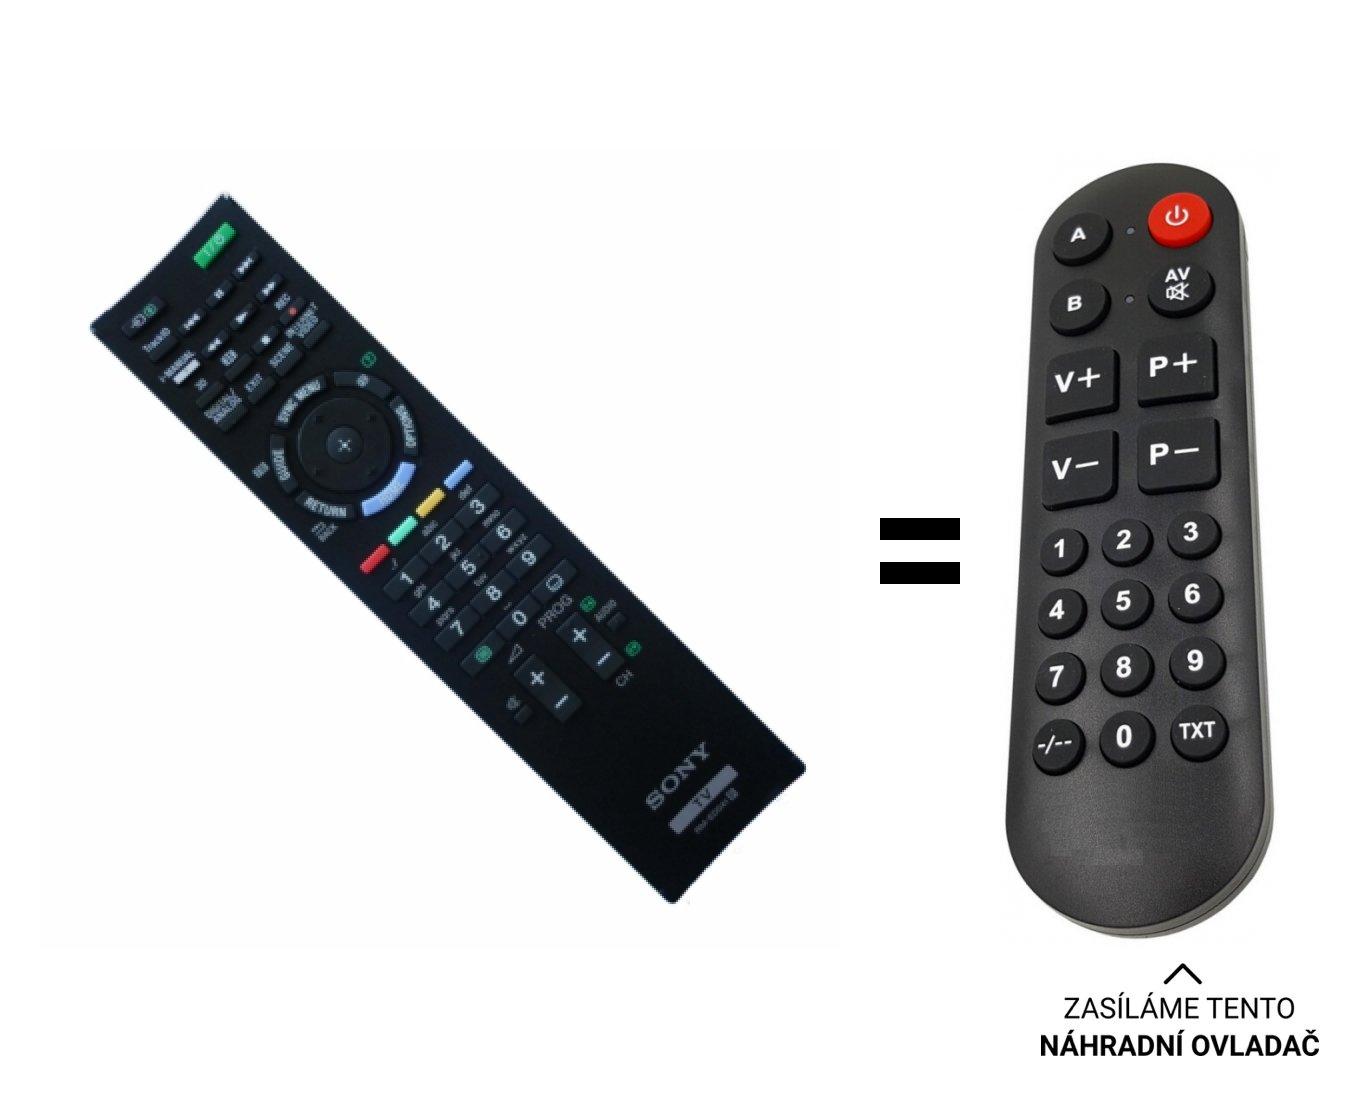 Sony KDL-40EX724, KDL40ex724 náhradní dálkový ovladač pro seniory